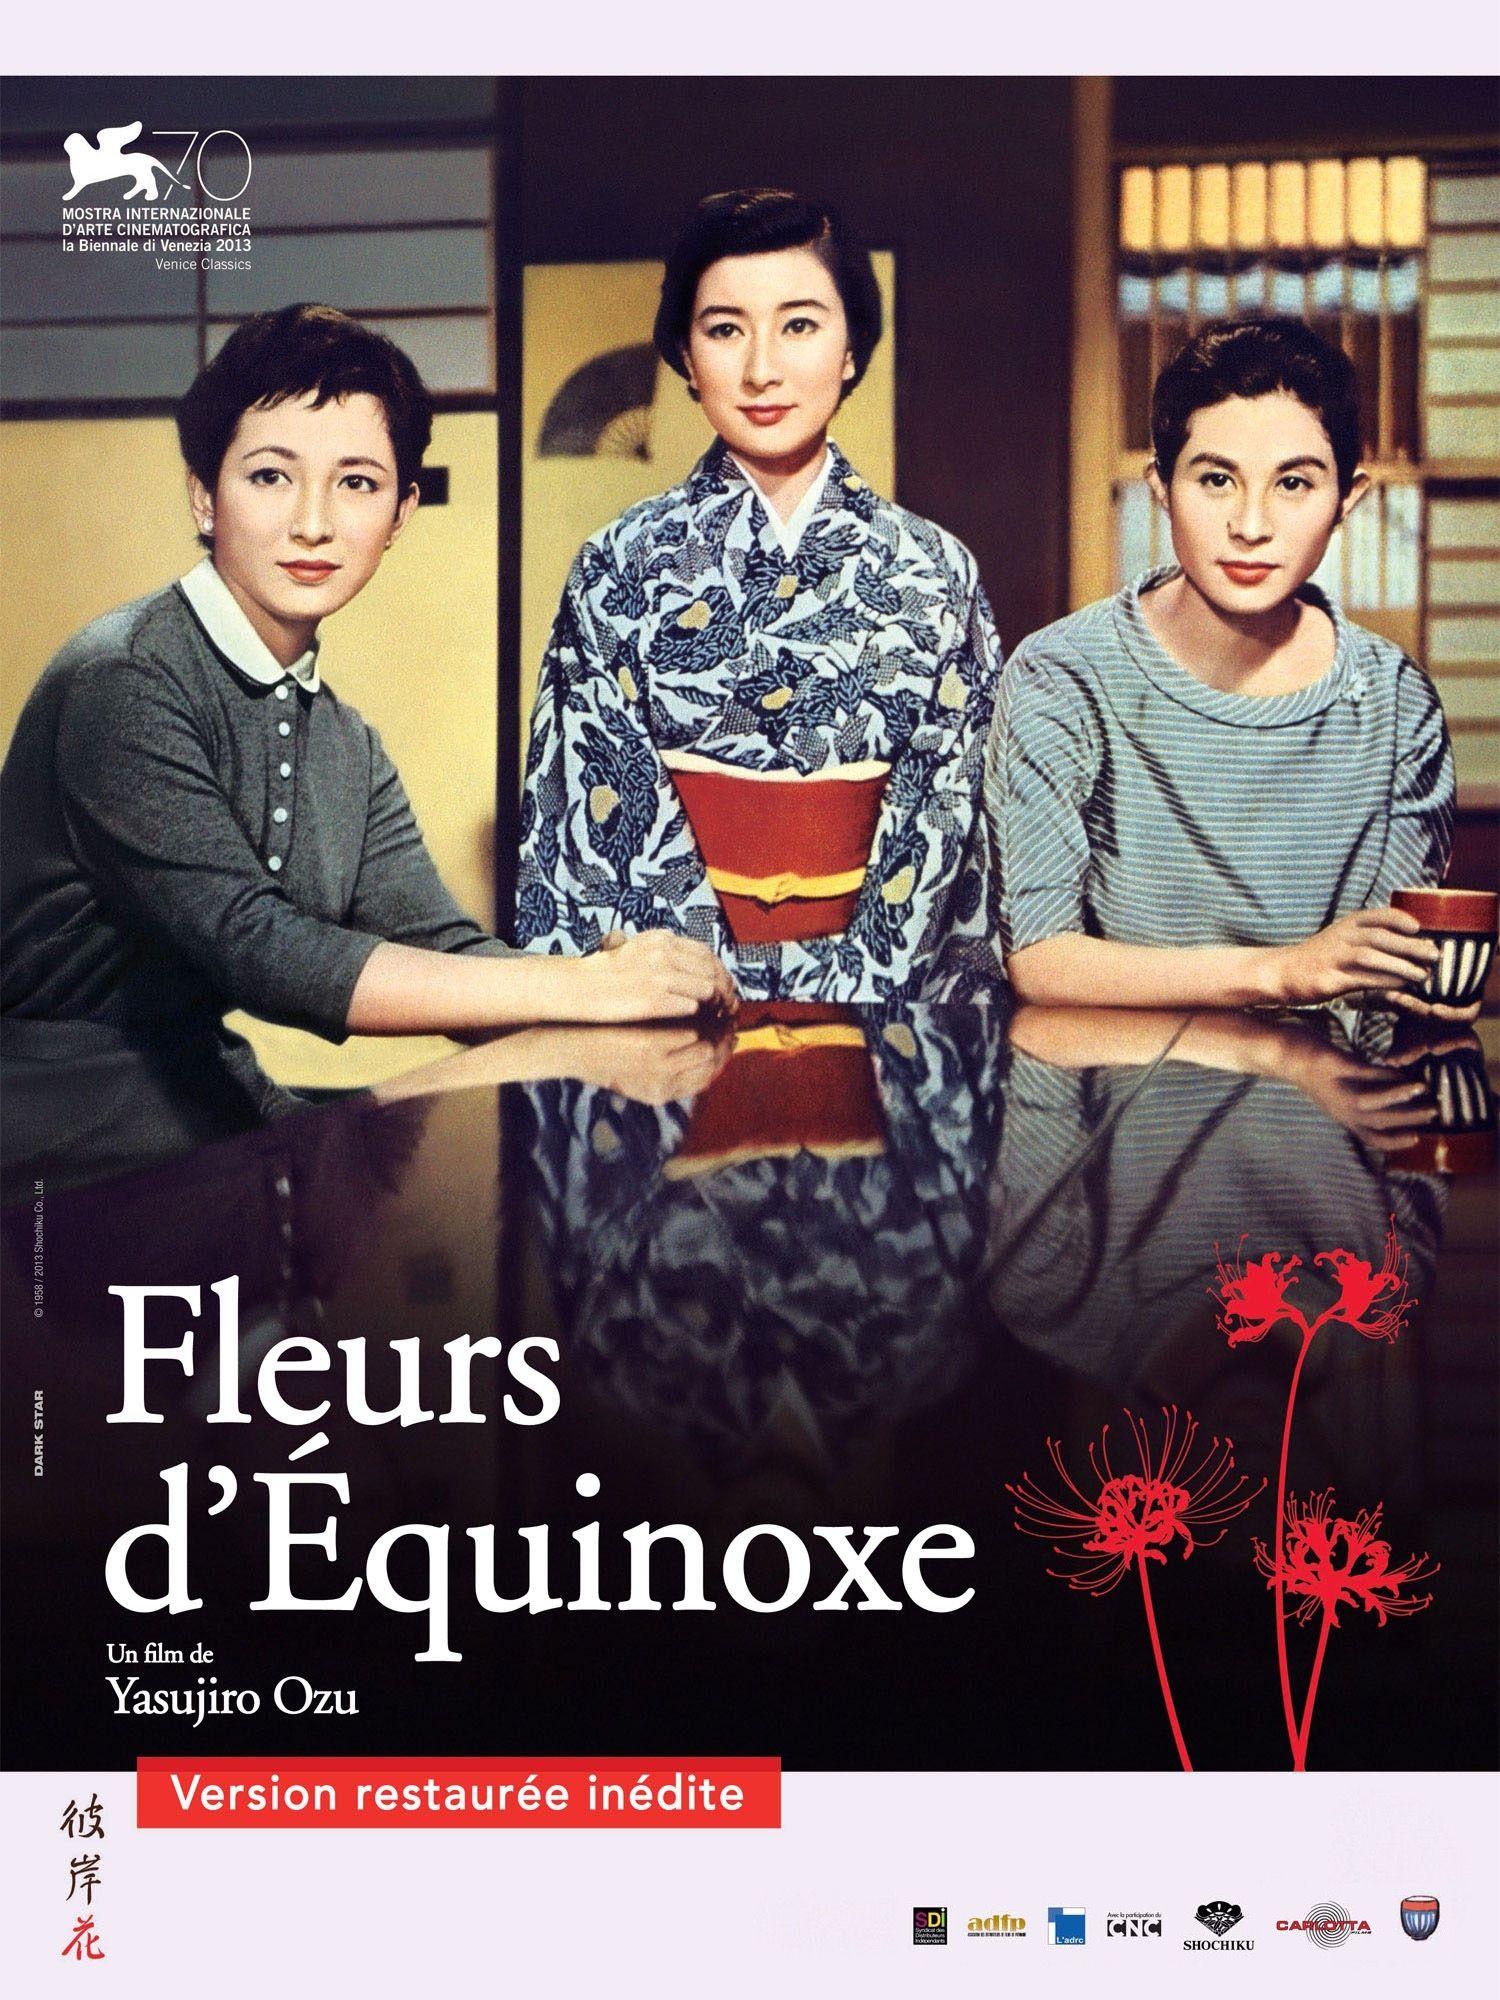 Votre dernier film visionné - Page 7 Fleurs_d_equinoxe